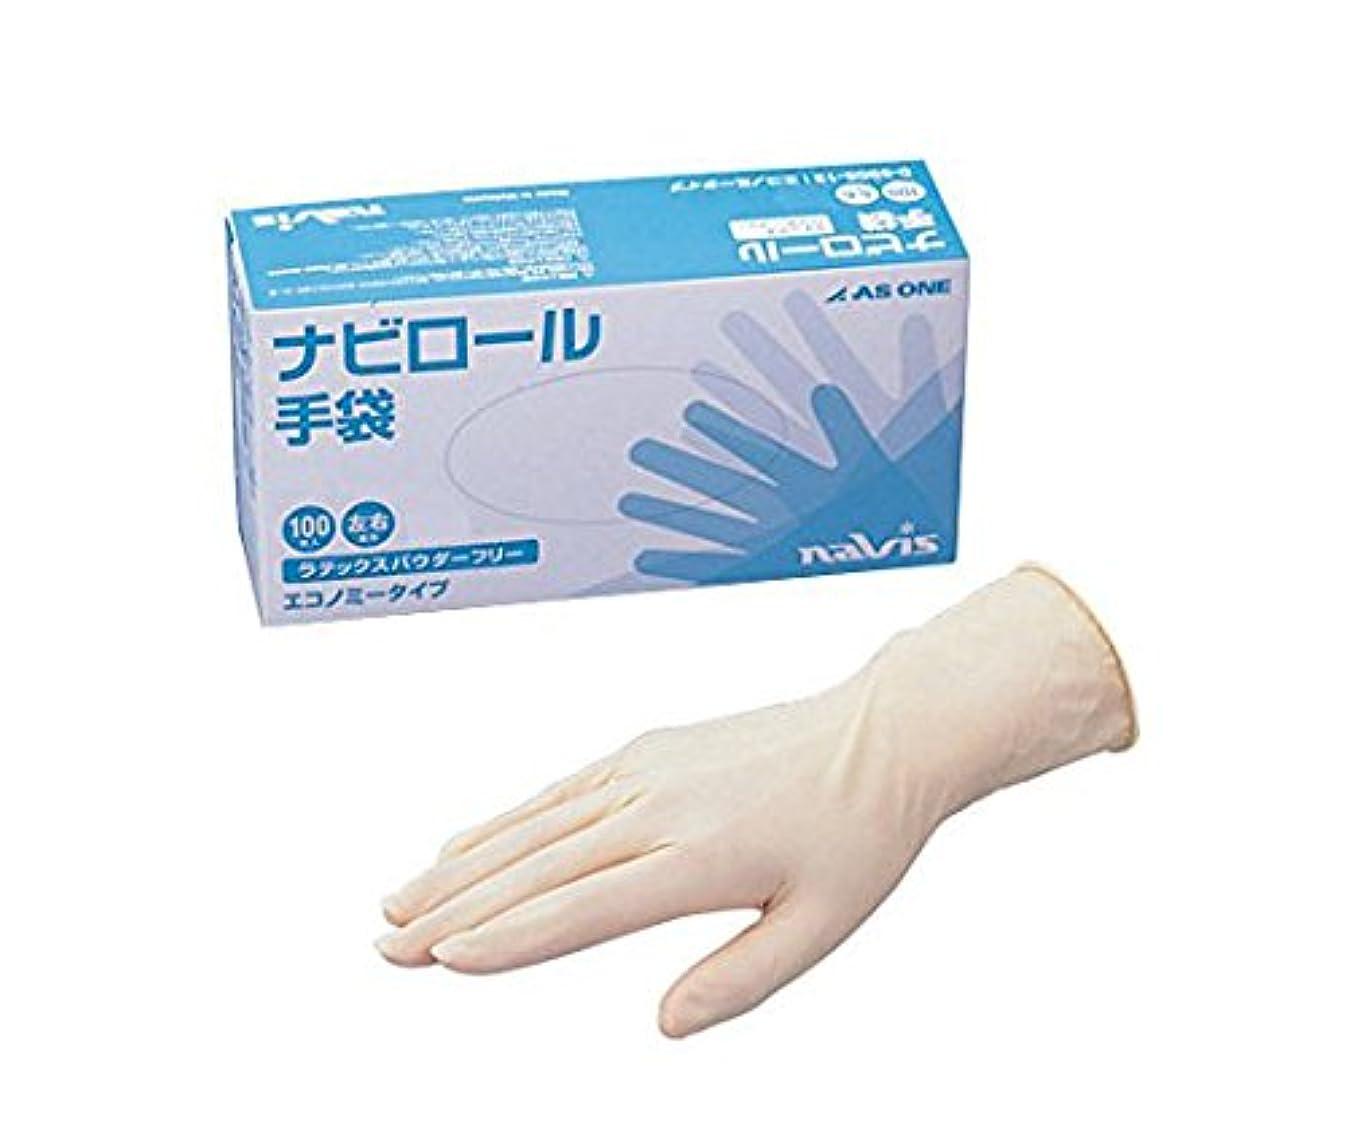 恩赦勧告下アズワン0-5905-22ナビロール手袋(エコノミータイプ?パウダーフリー)M100枚入